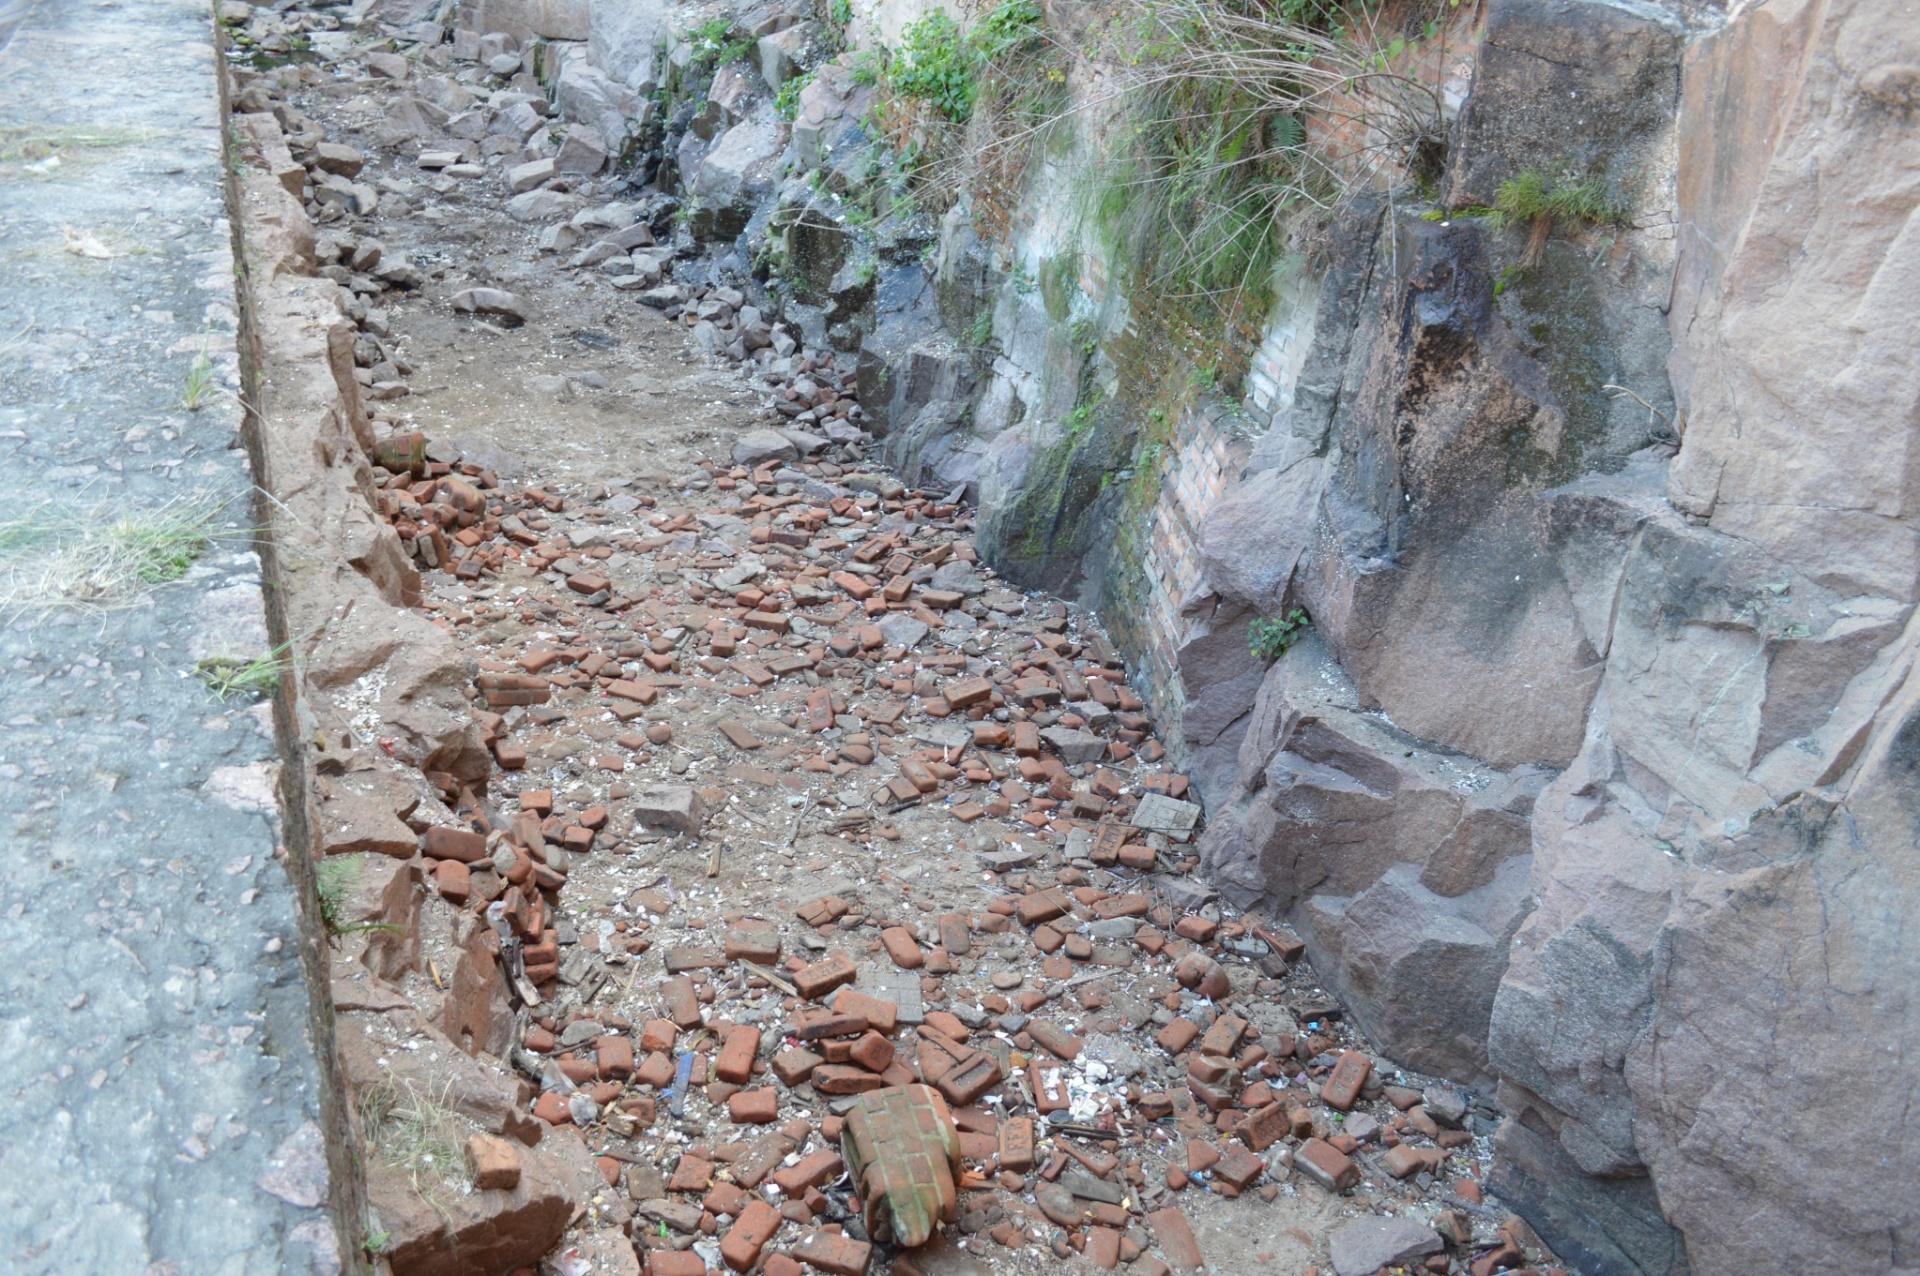 Prefeitura de Salto vai usar tirolesa para remover lixo do rio Tietê